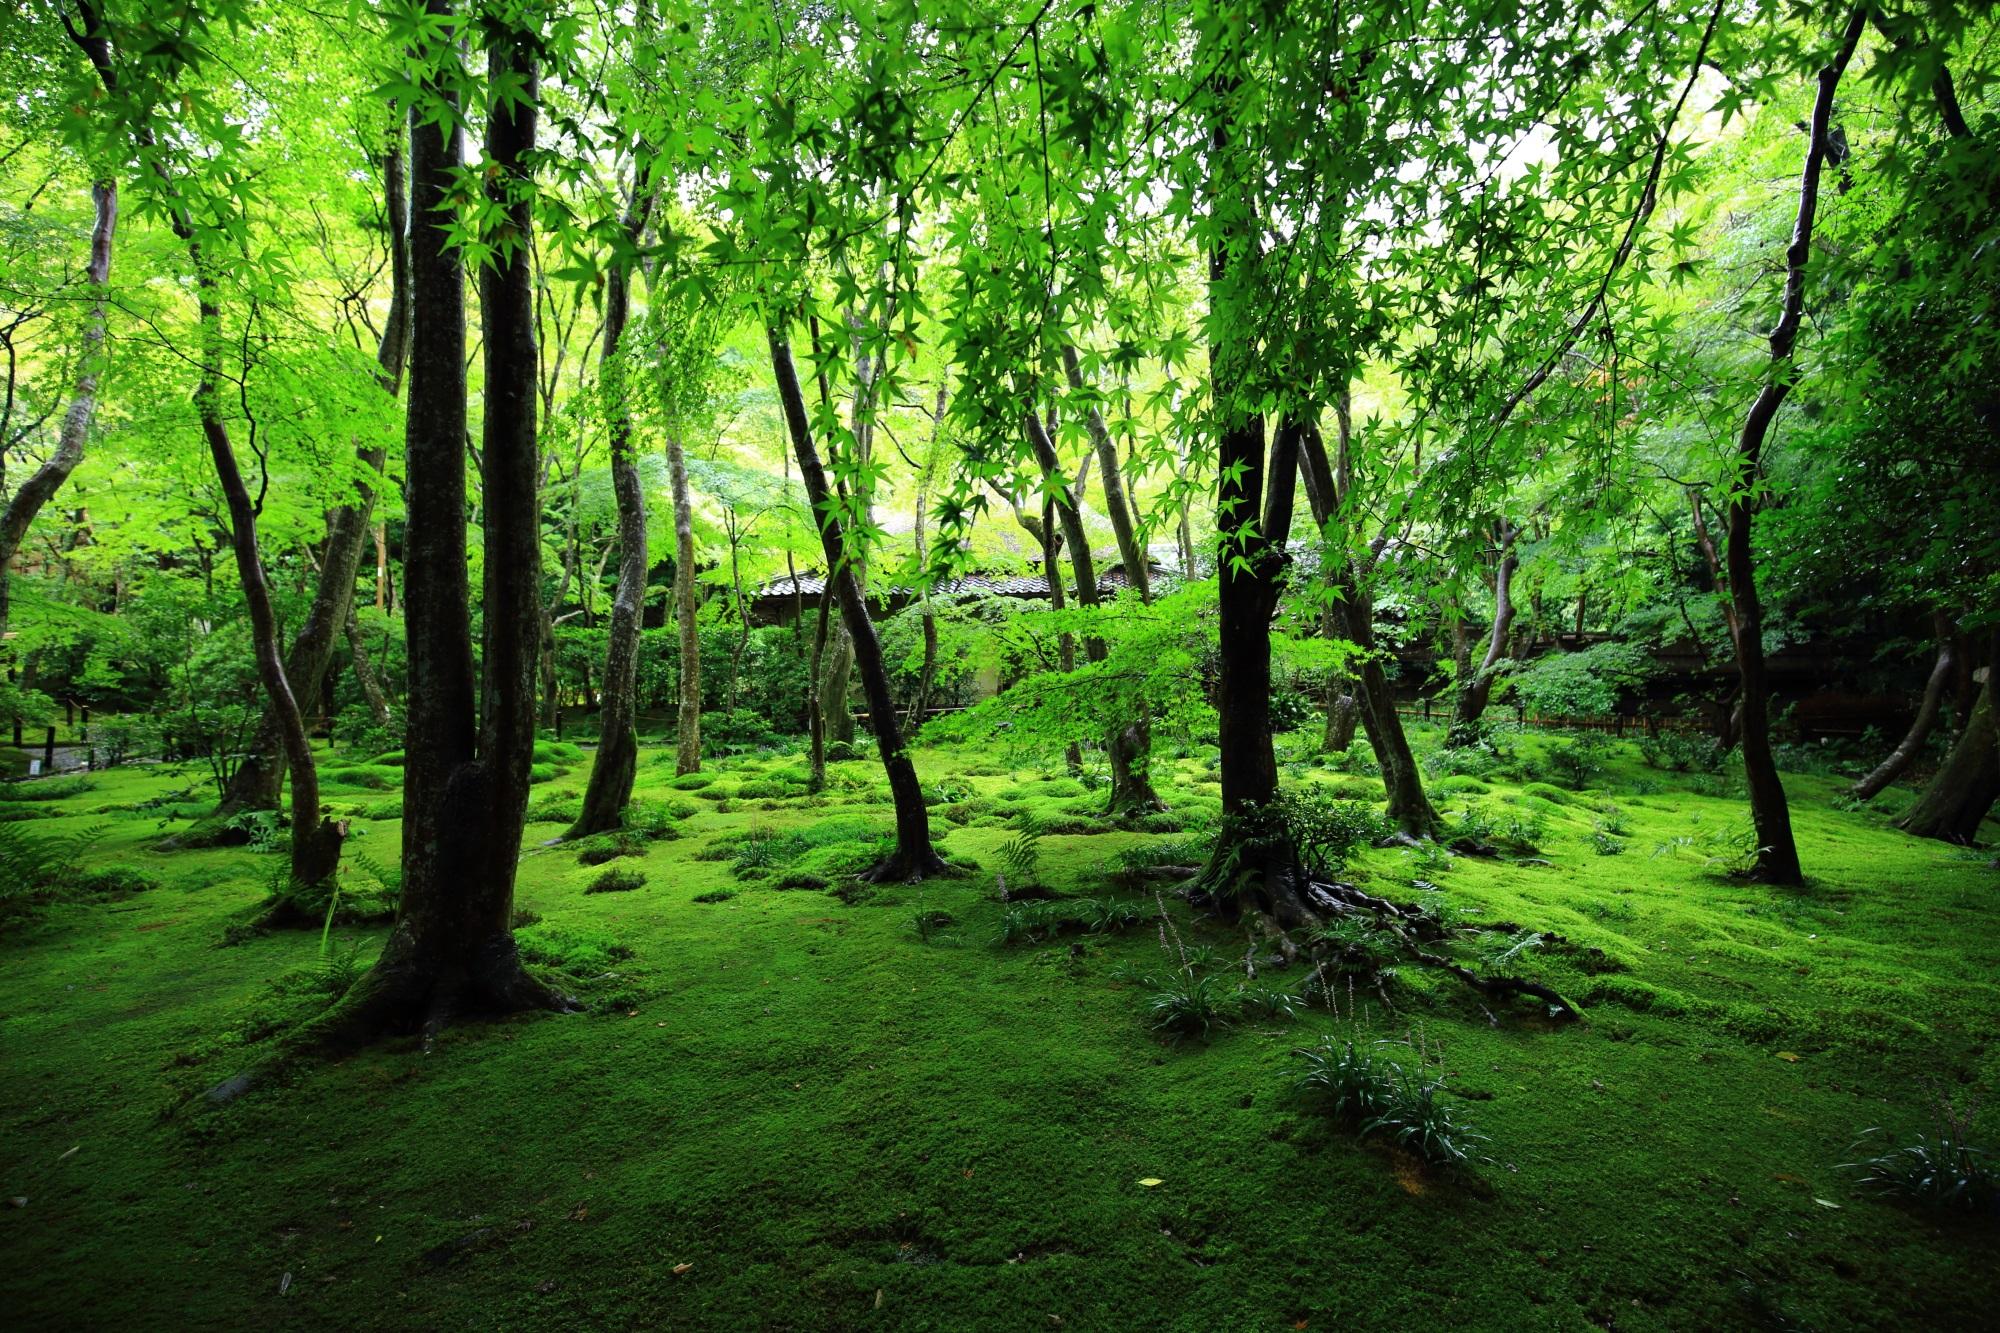 苔庭を演出する淡い光